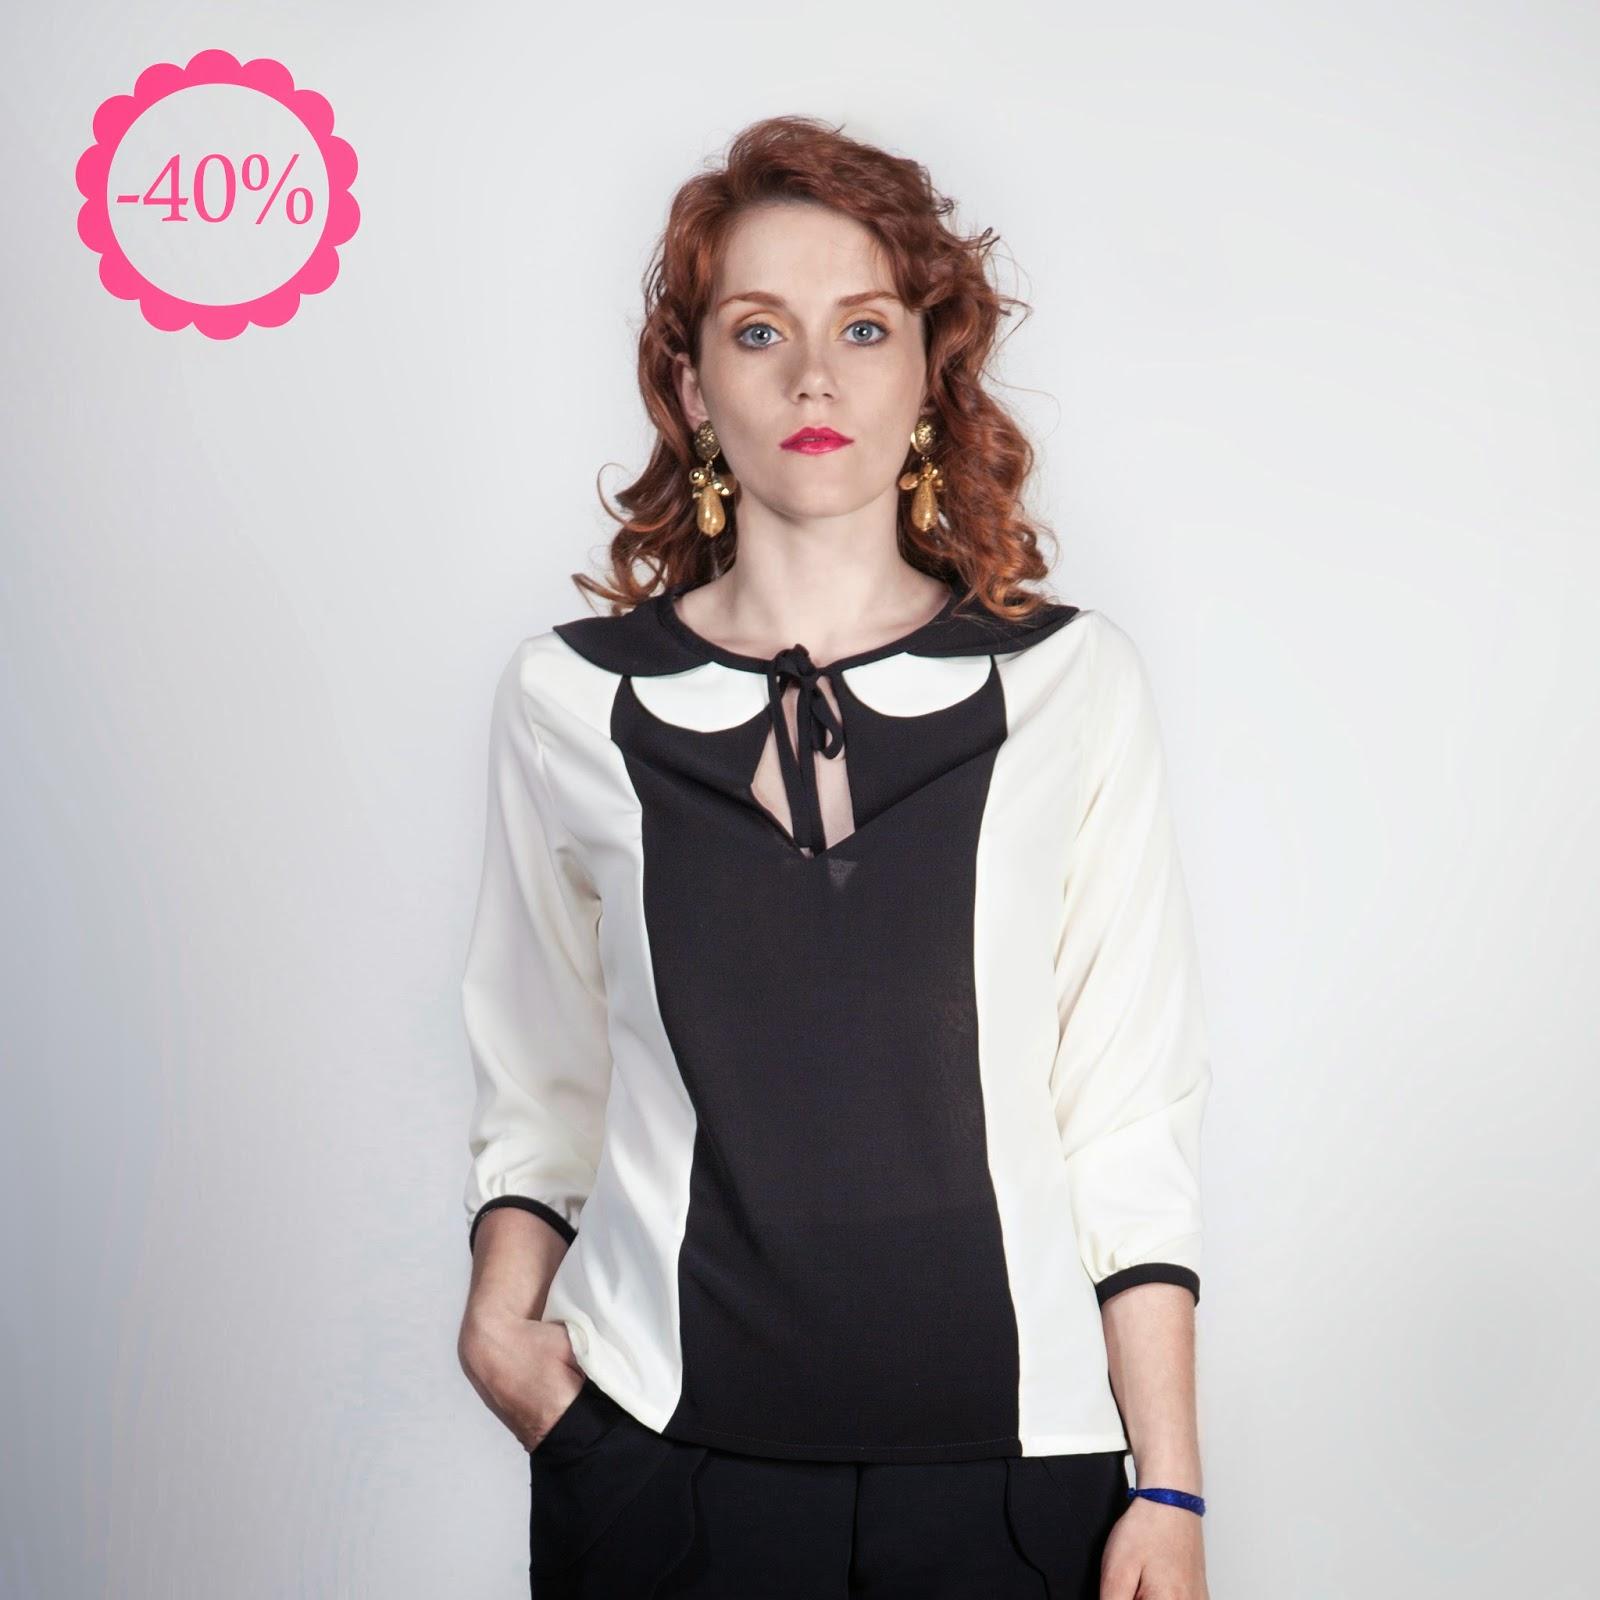 Blusa blanco y negro, La Böcöque, tienda online, ropa chica